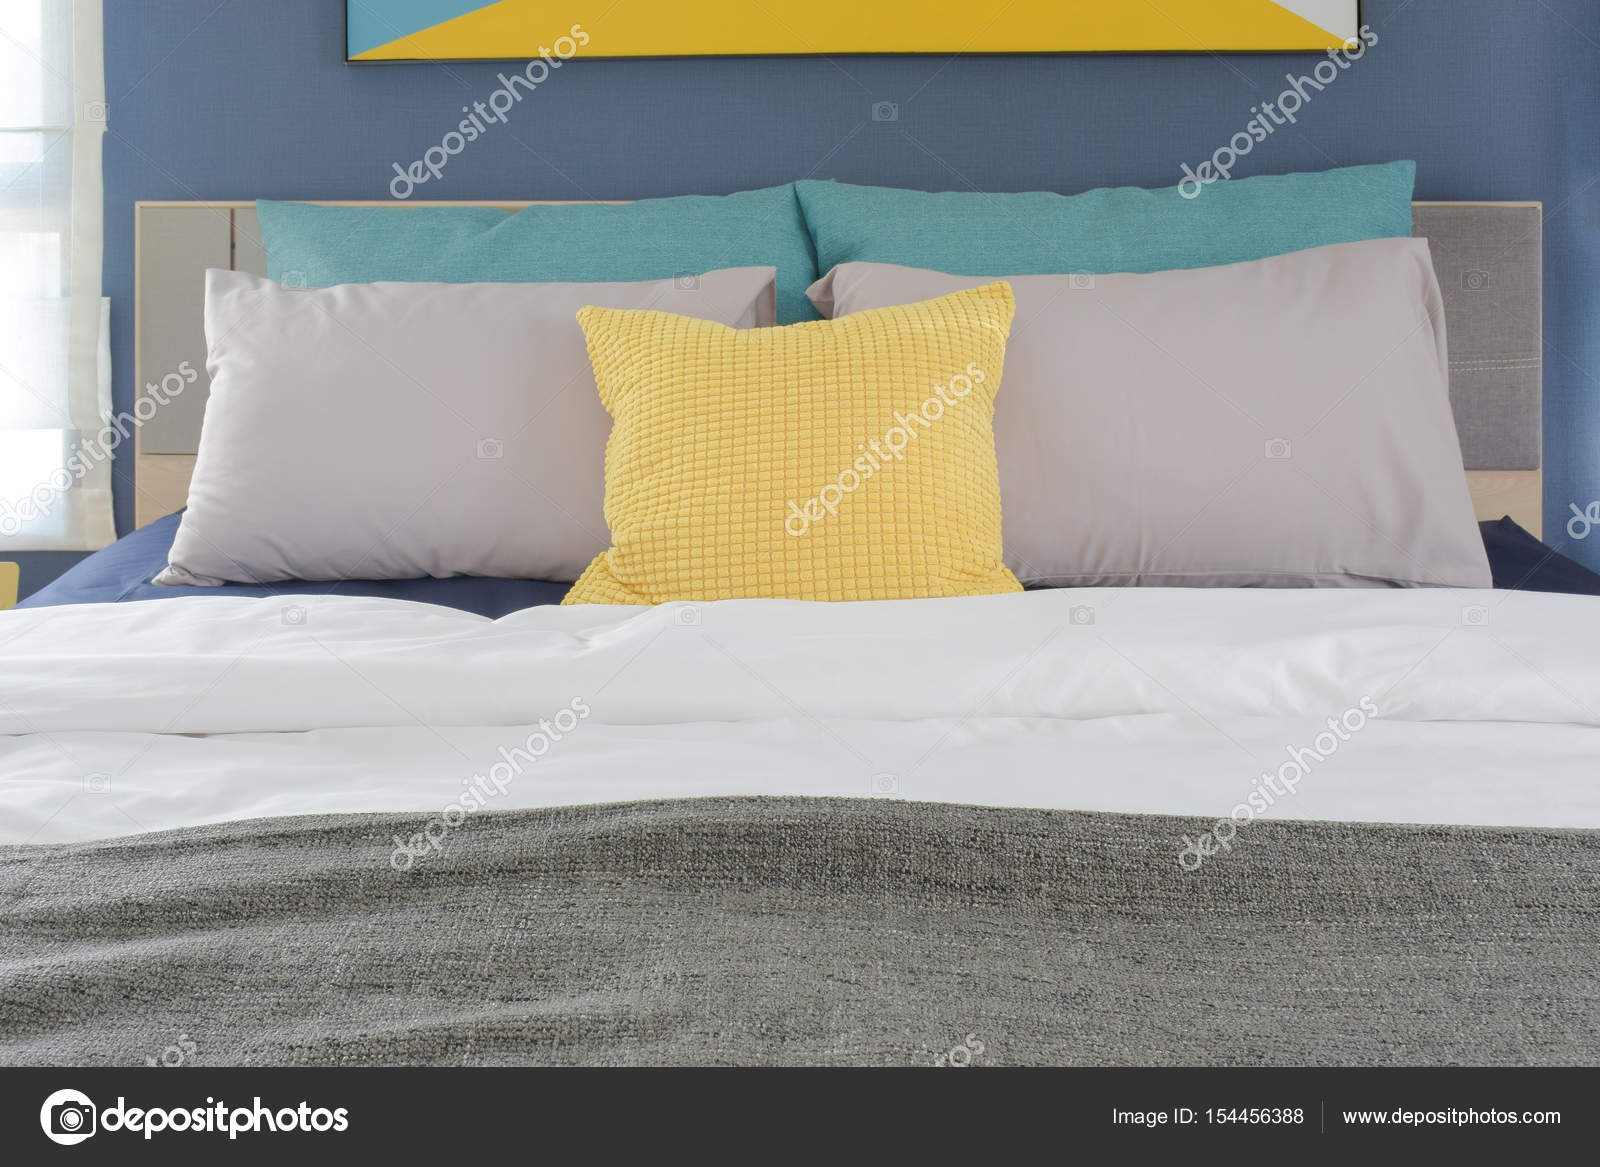 Camere Da Letto Turchese : Cuscini di colore giallo grigio e turchese impostazione sul letto